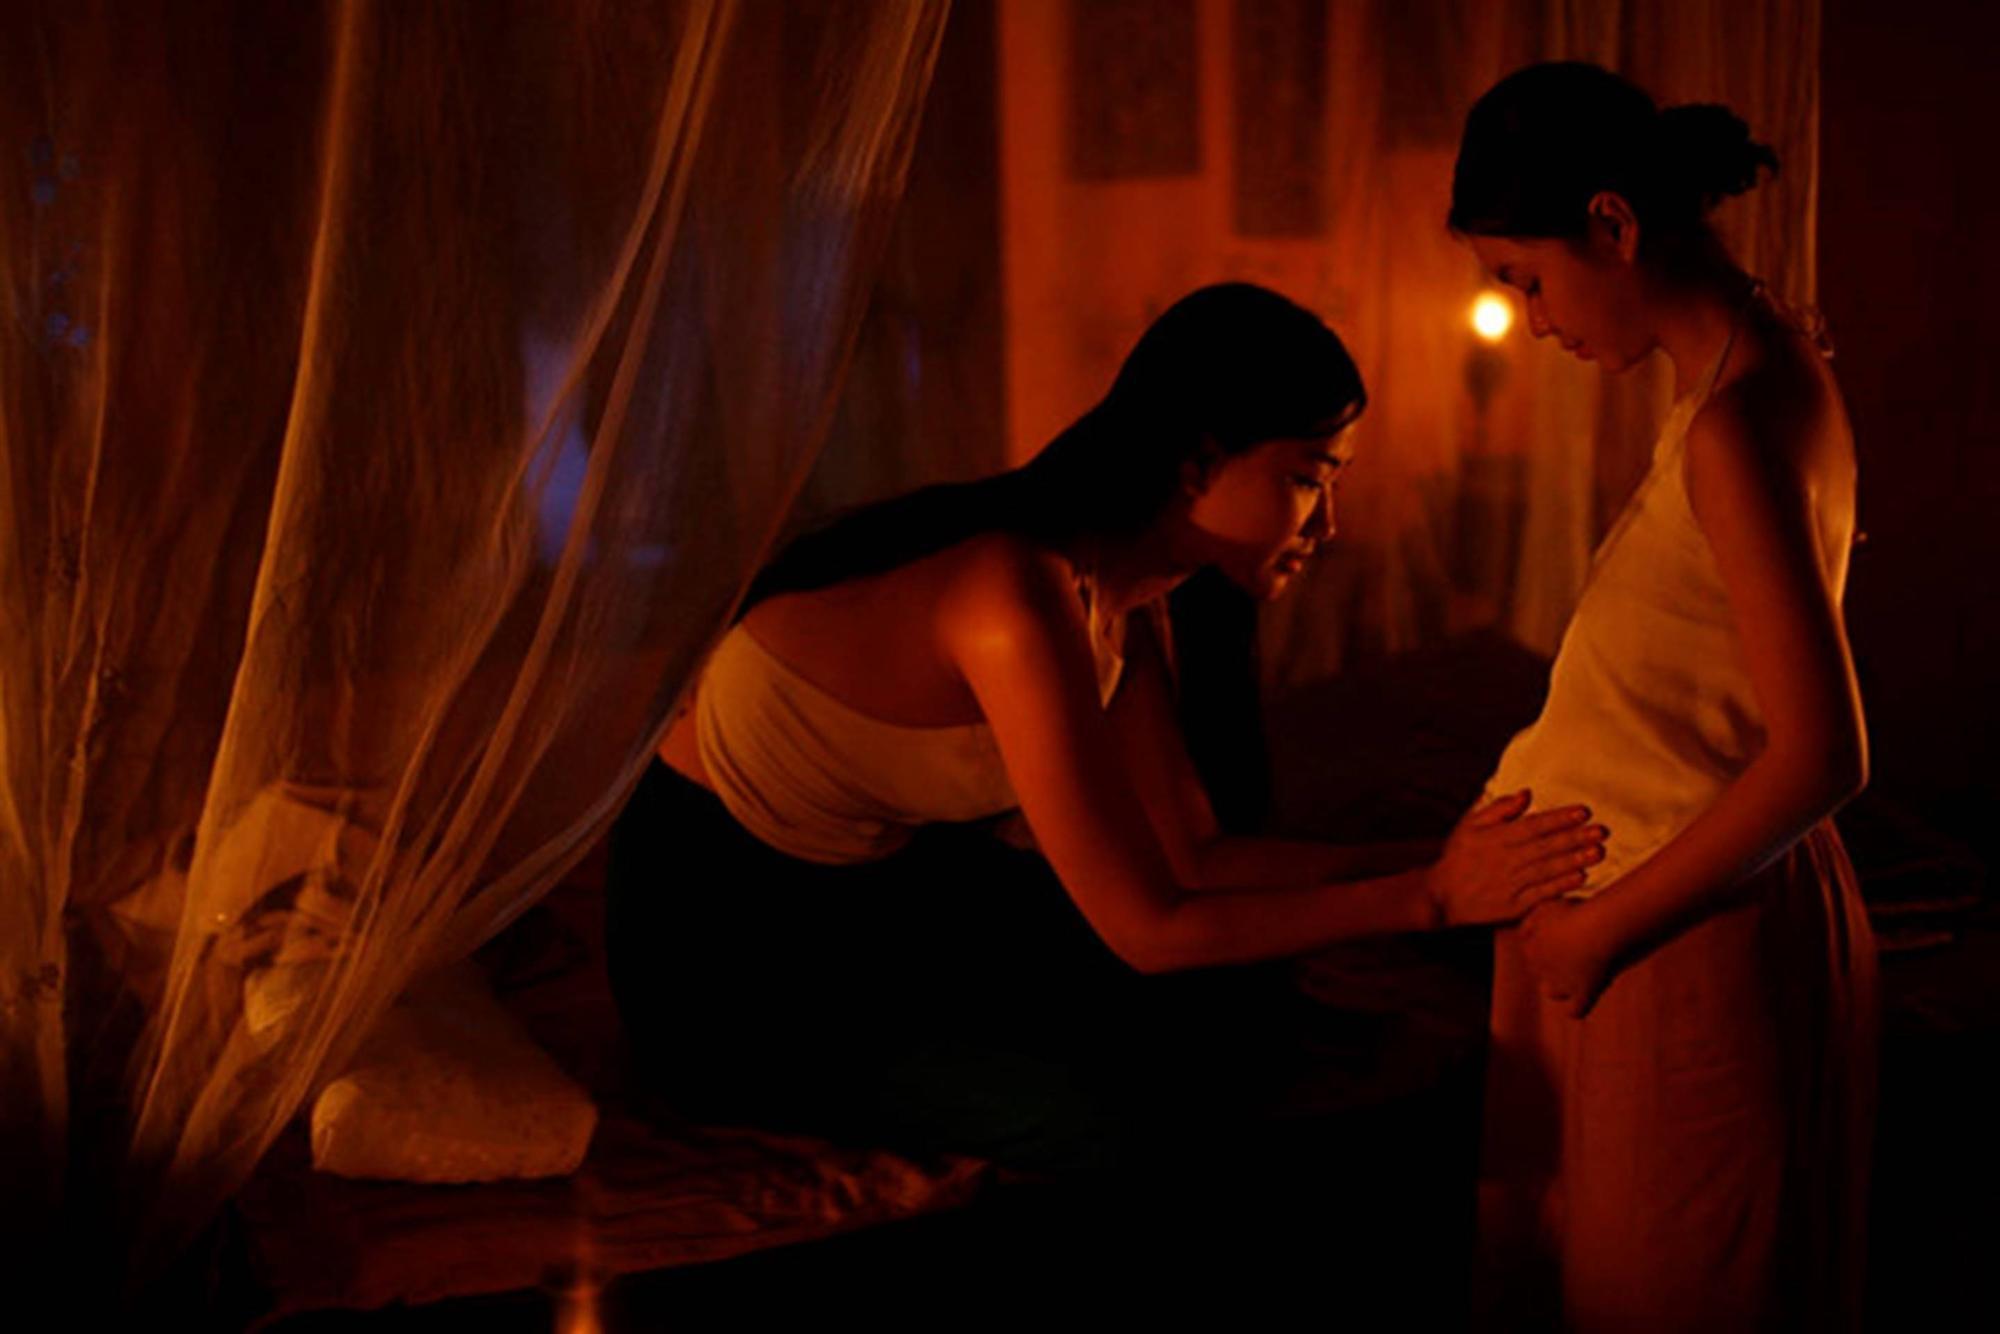 Nhan sắc cô gái Việt đóng cảnh nóng năm 13 tuổi trong phim Vợ ba-5